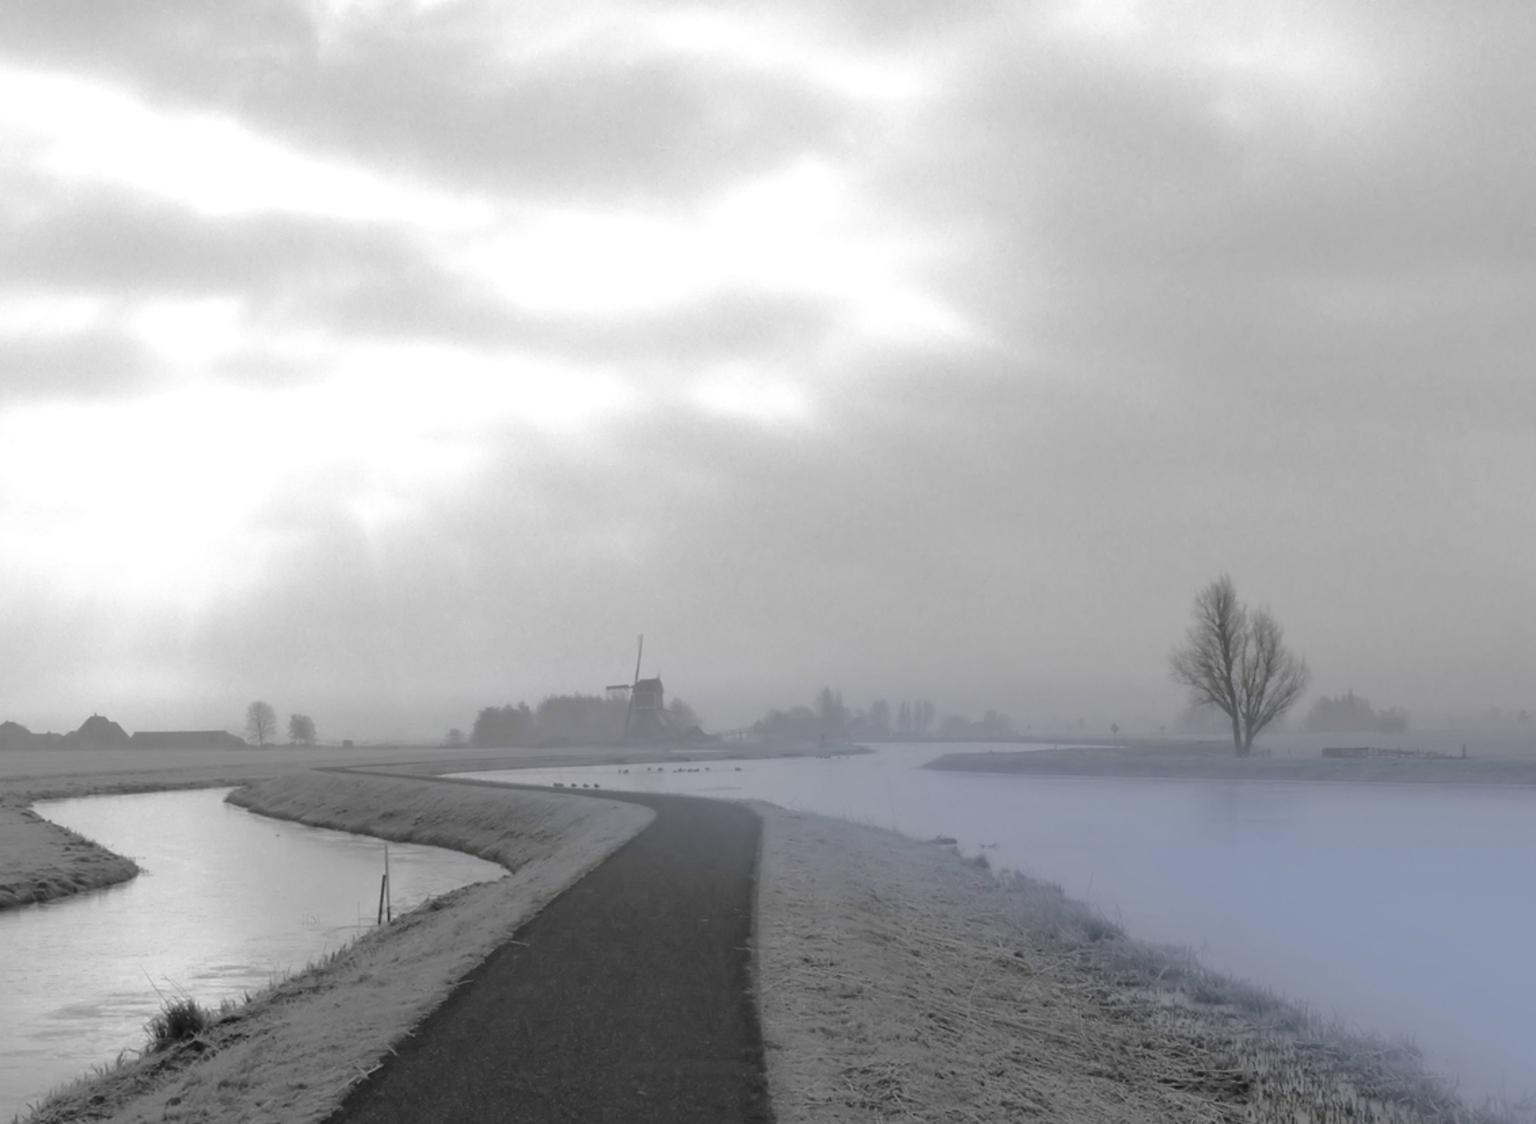 kou in de Hollandse polder - - - foto door johntomeij op 26-10-2008 - deze foto bevat: winter, kou, alblasserwaard